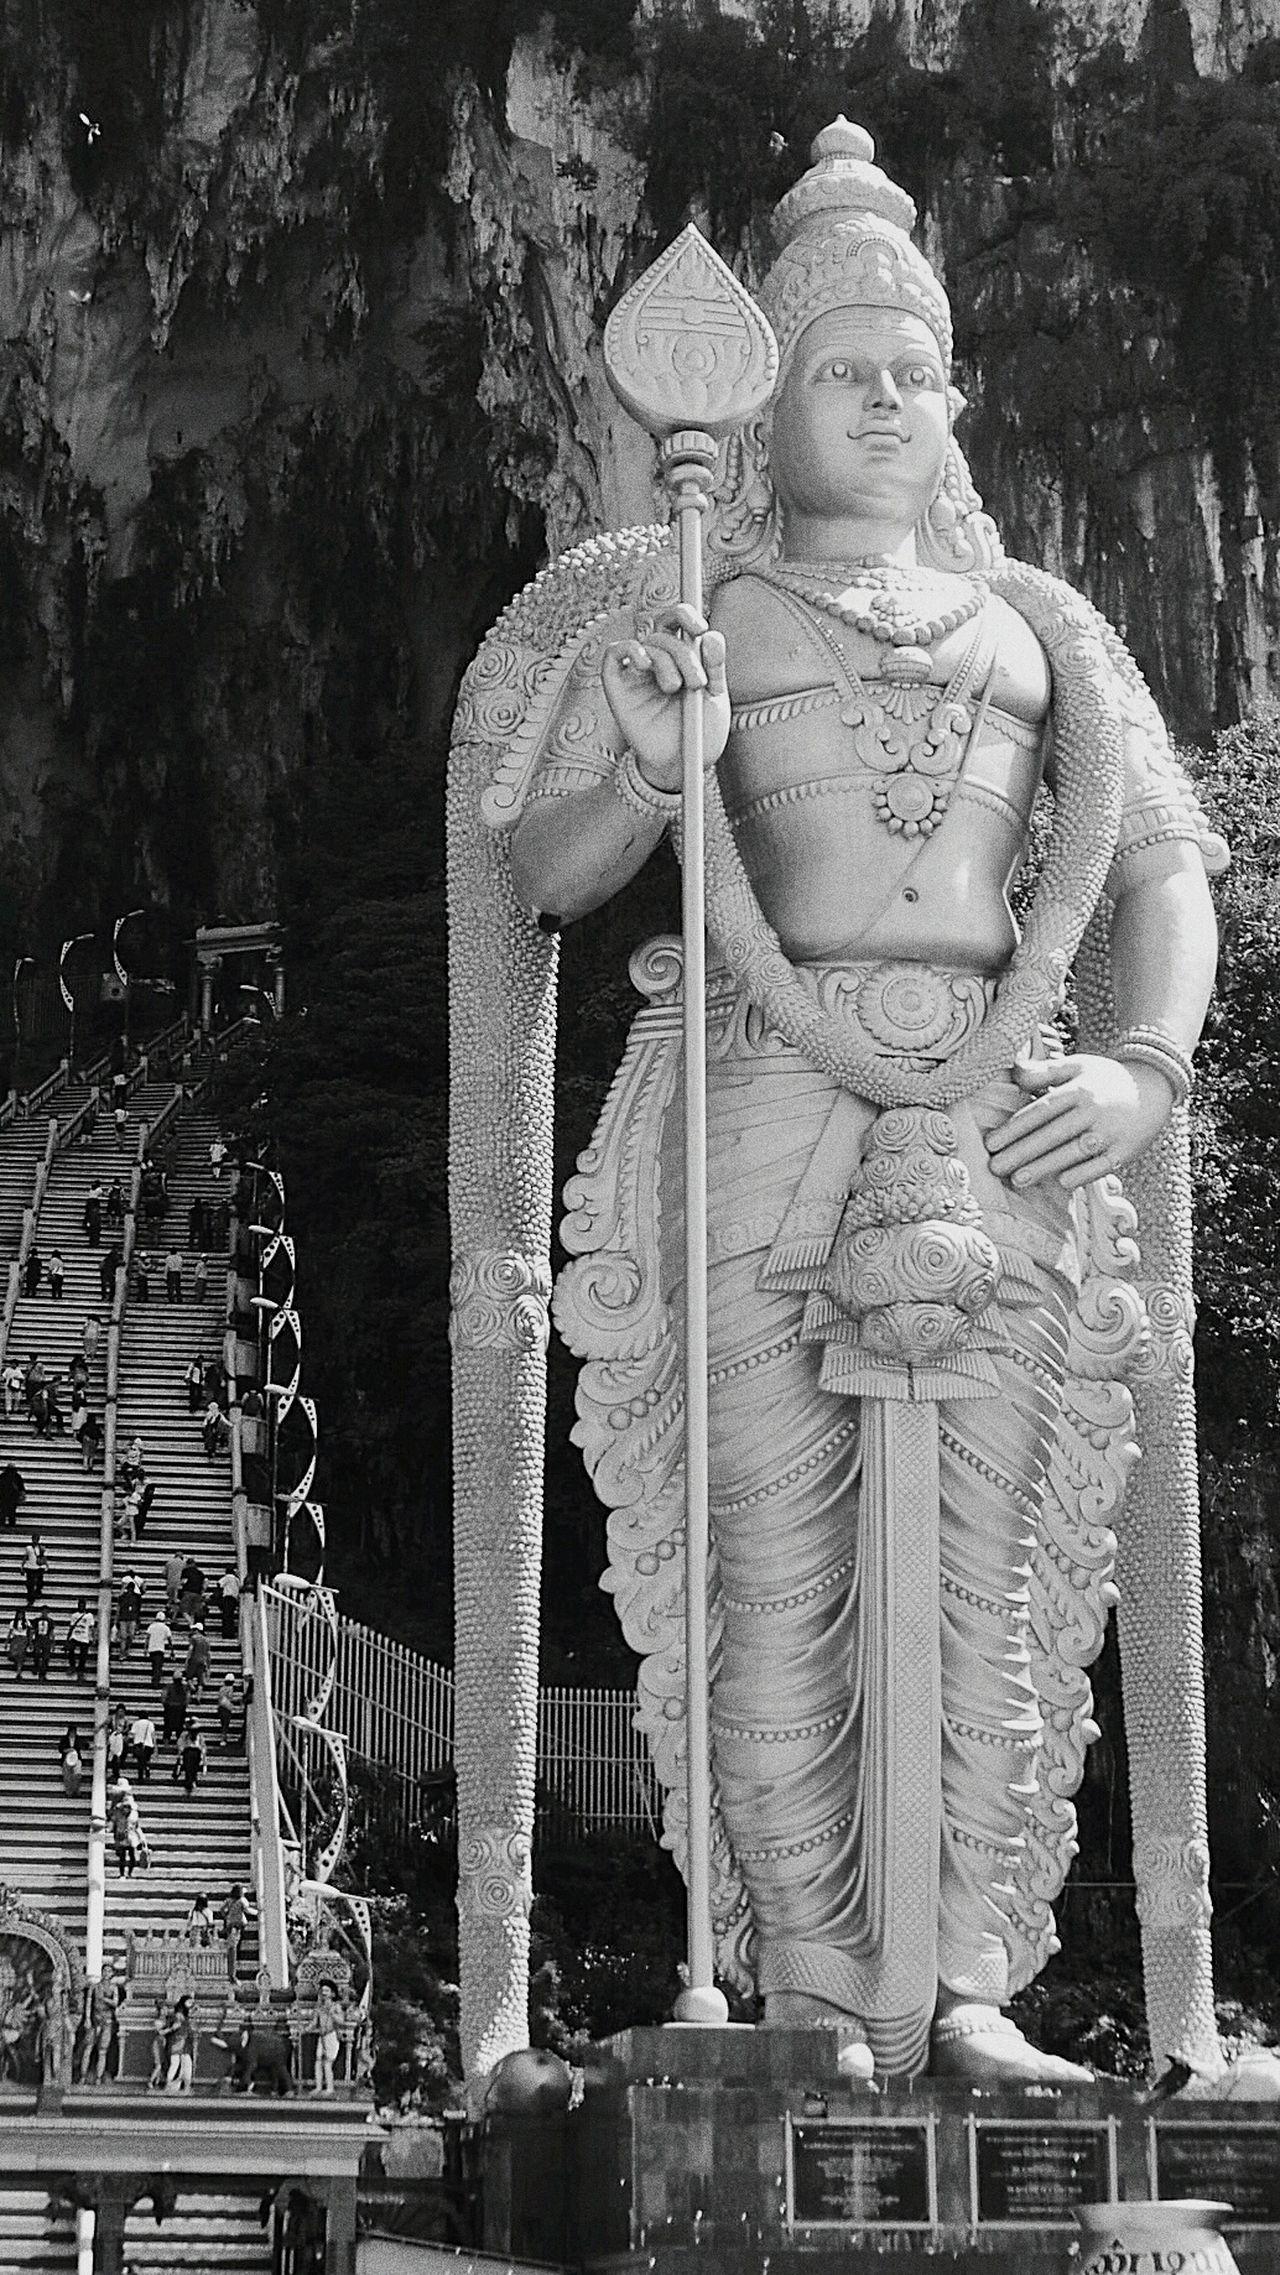 Malaysia Kuala Lumpur Malaysia  Batucaves Batu Caves Monochrome Hindu Temple Statue Batu Caves -Malaysia Malasia